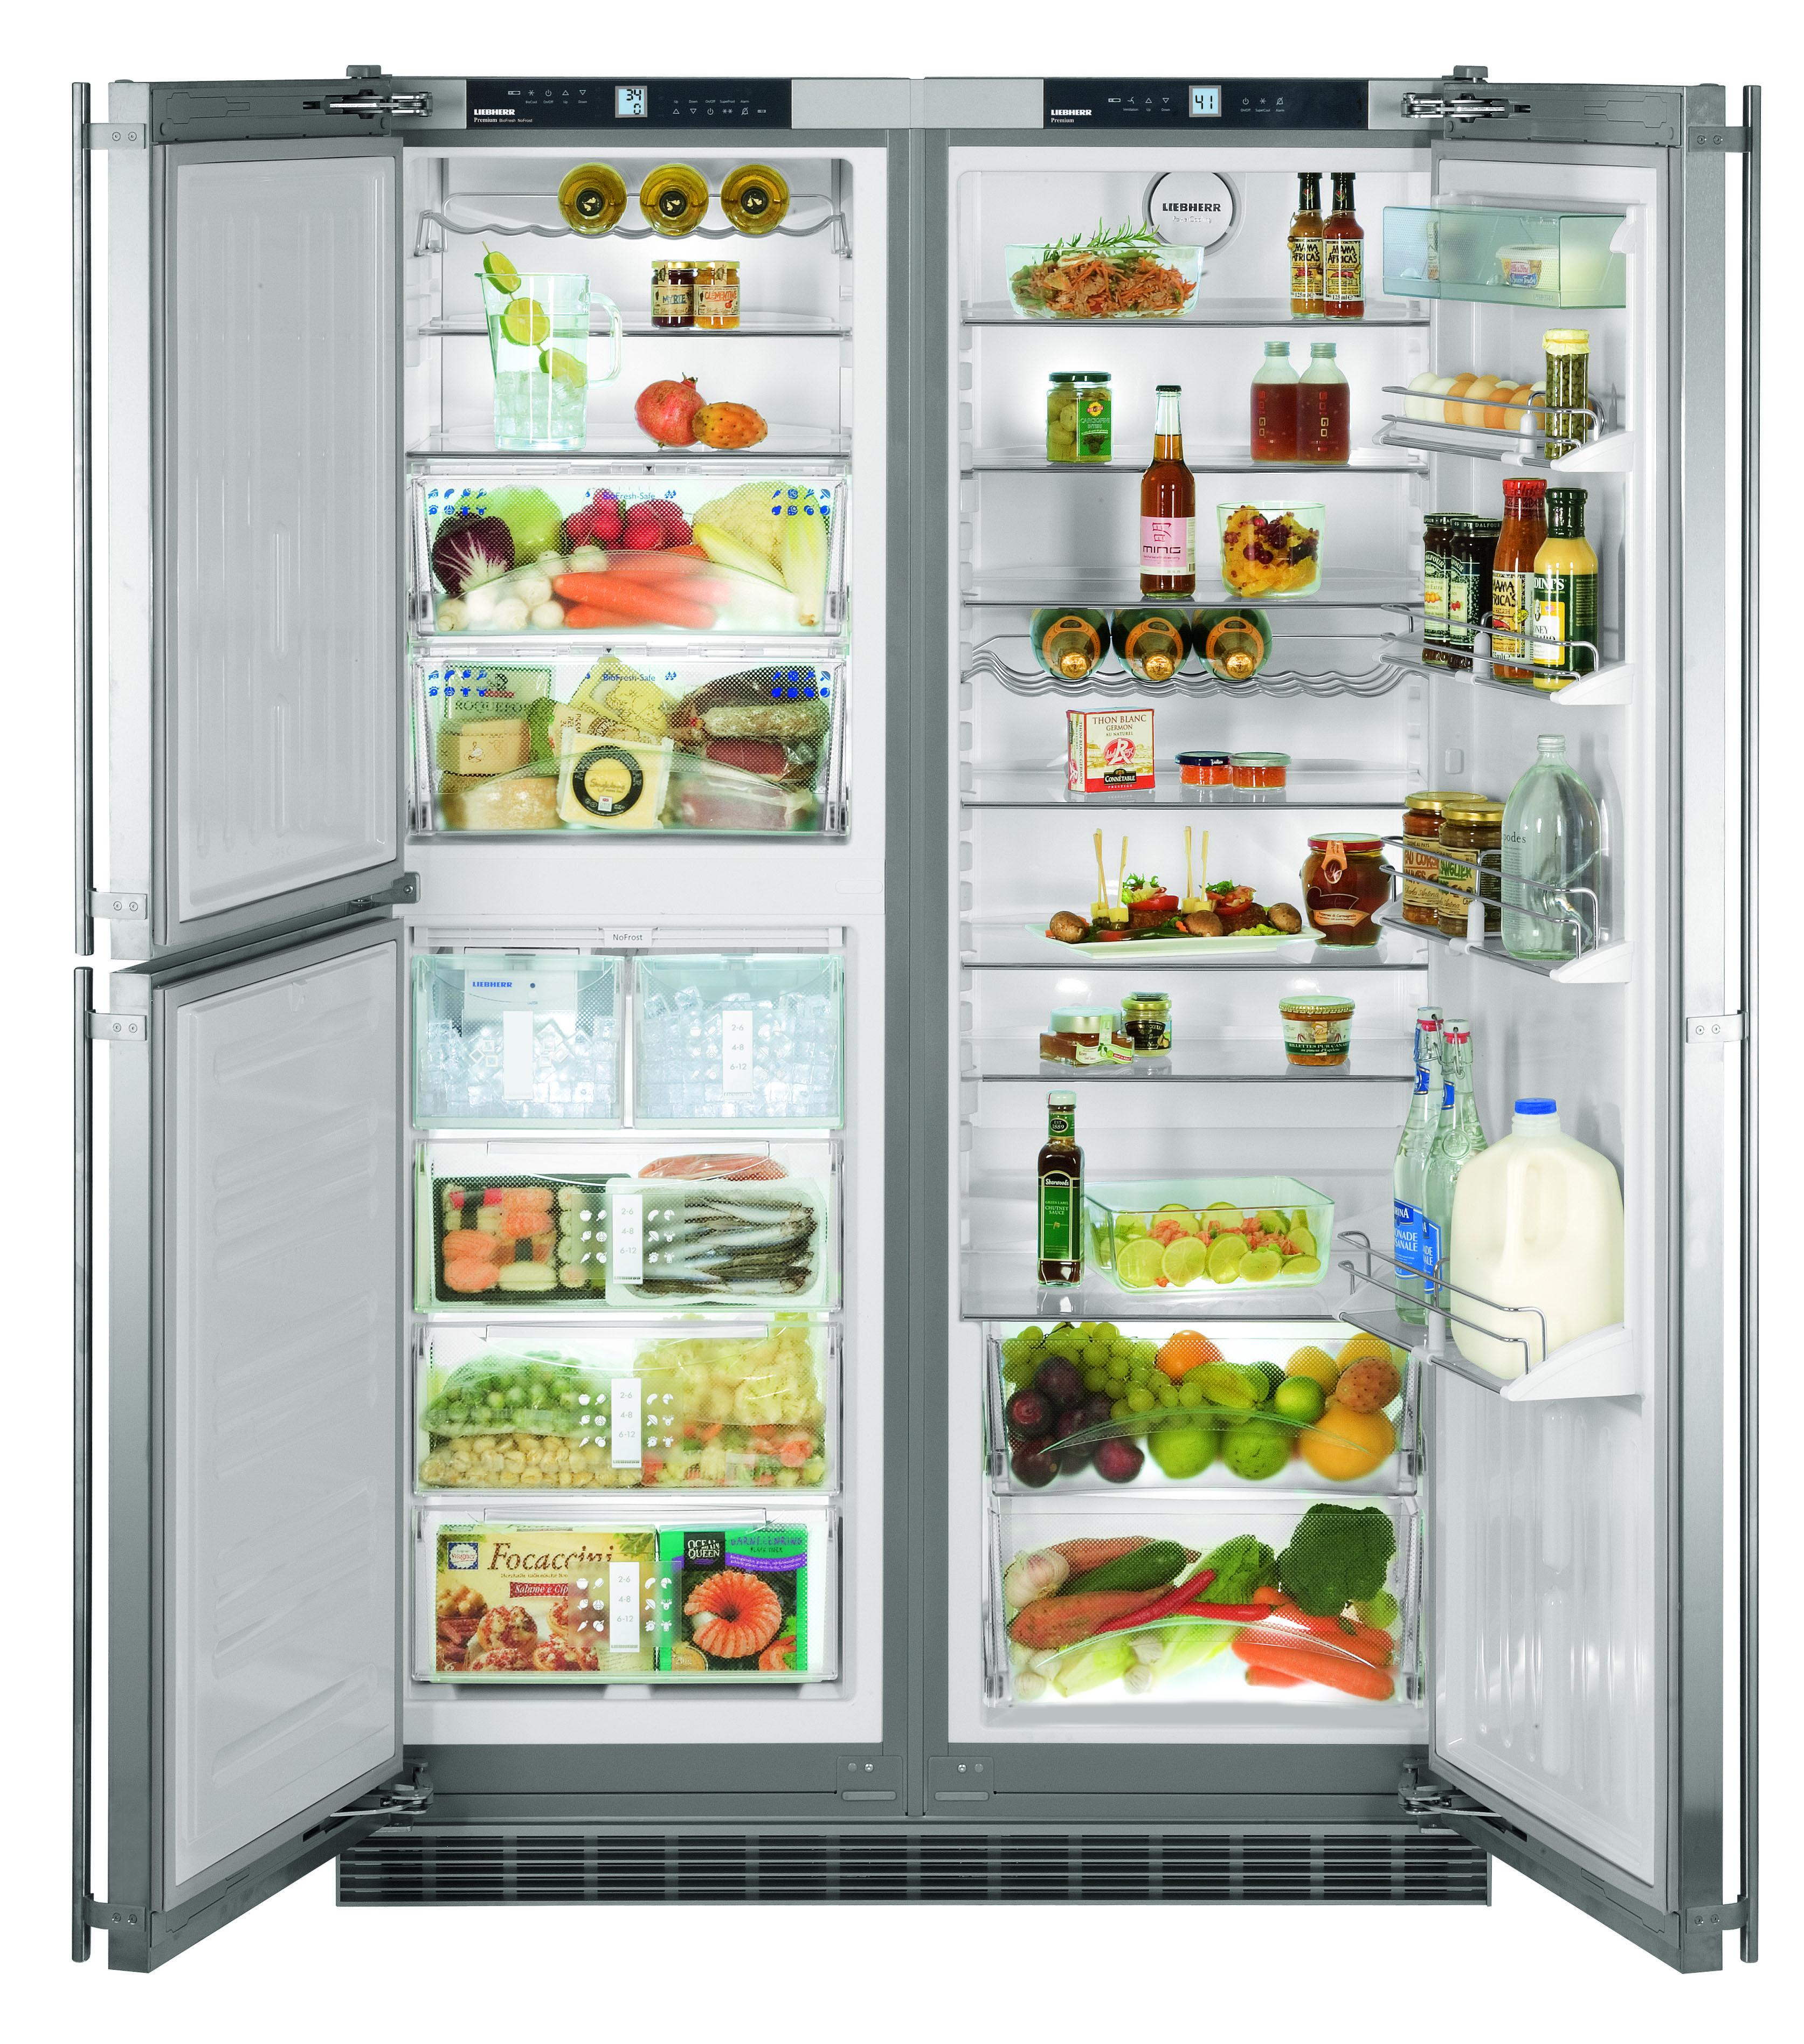 48 builtin liebherr sbs 241 kitchen appliances